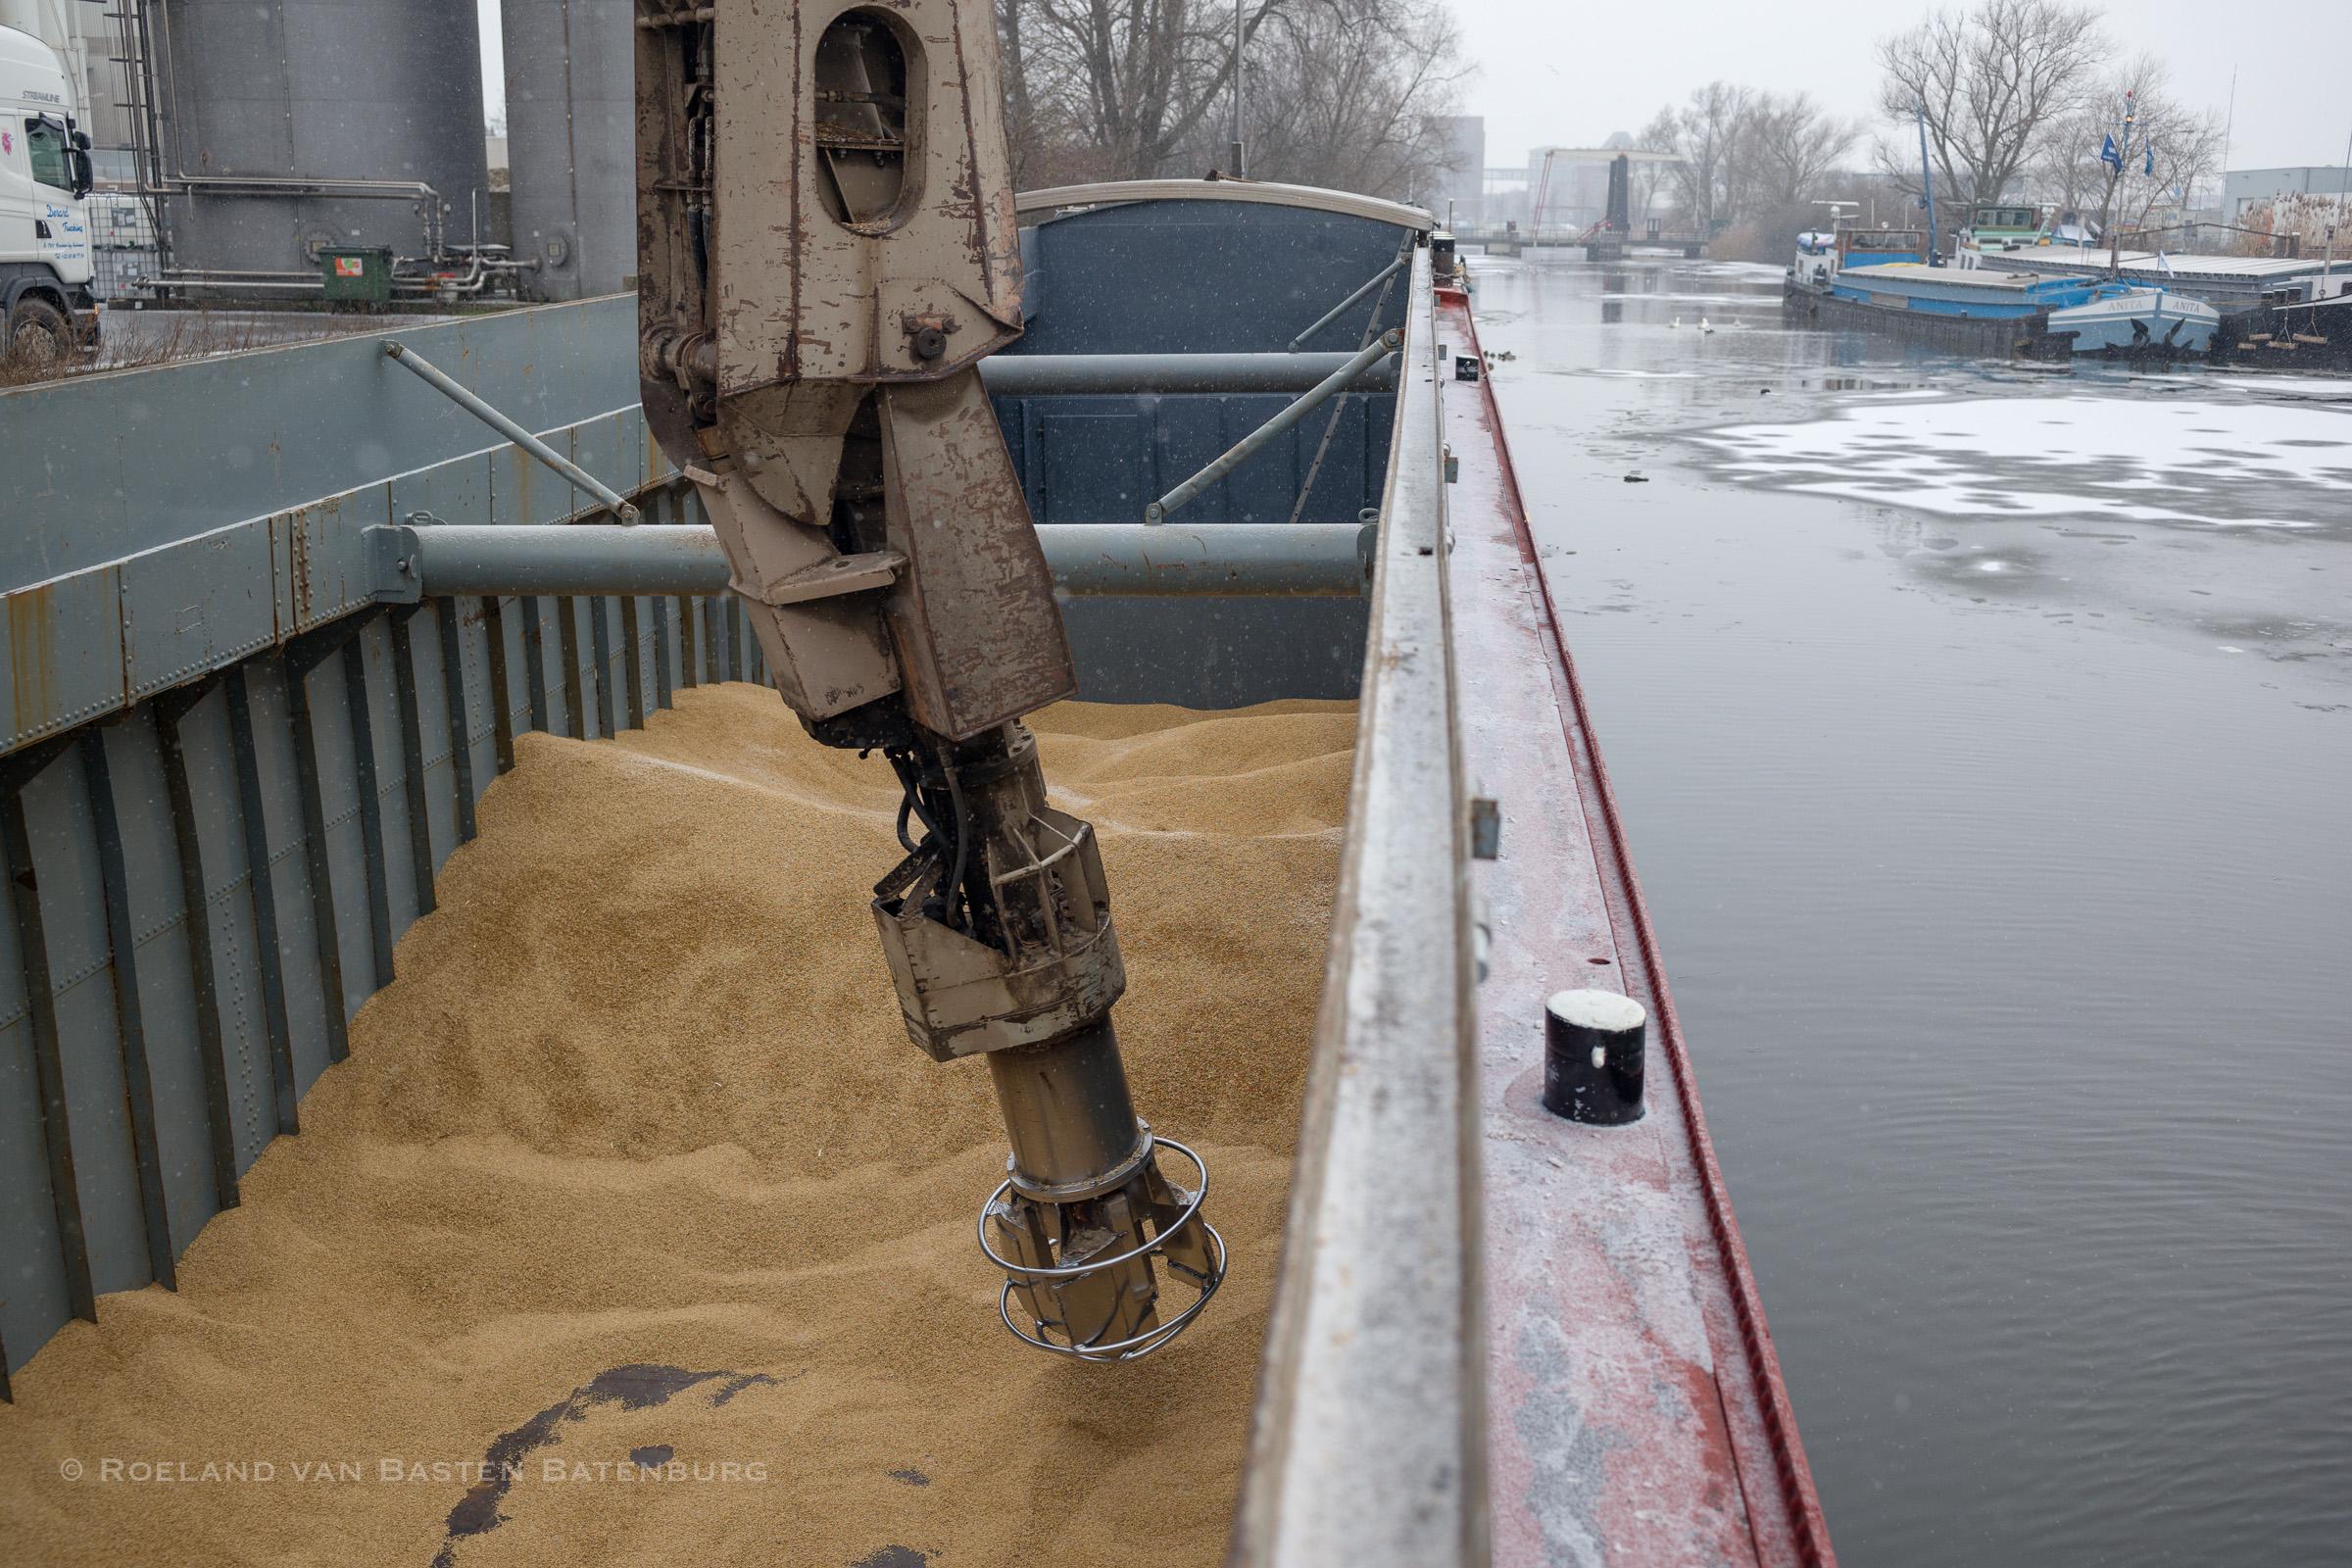 Lossen in Helmond. Op de achtergrond het bruggetje waar we achteruit doorheen zijn gevaren. Al het ijs dat je op de foto ziet ie door ons gebroken. Het is intussen gaan sneeuwen.